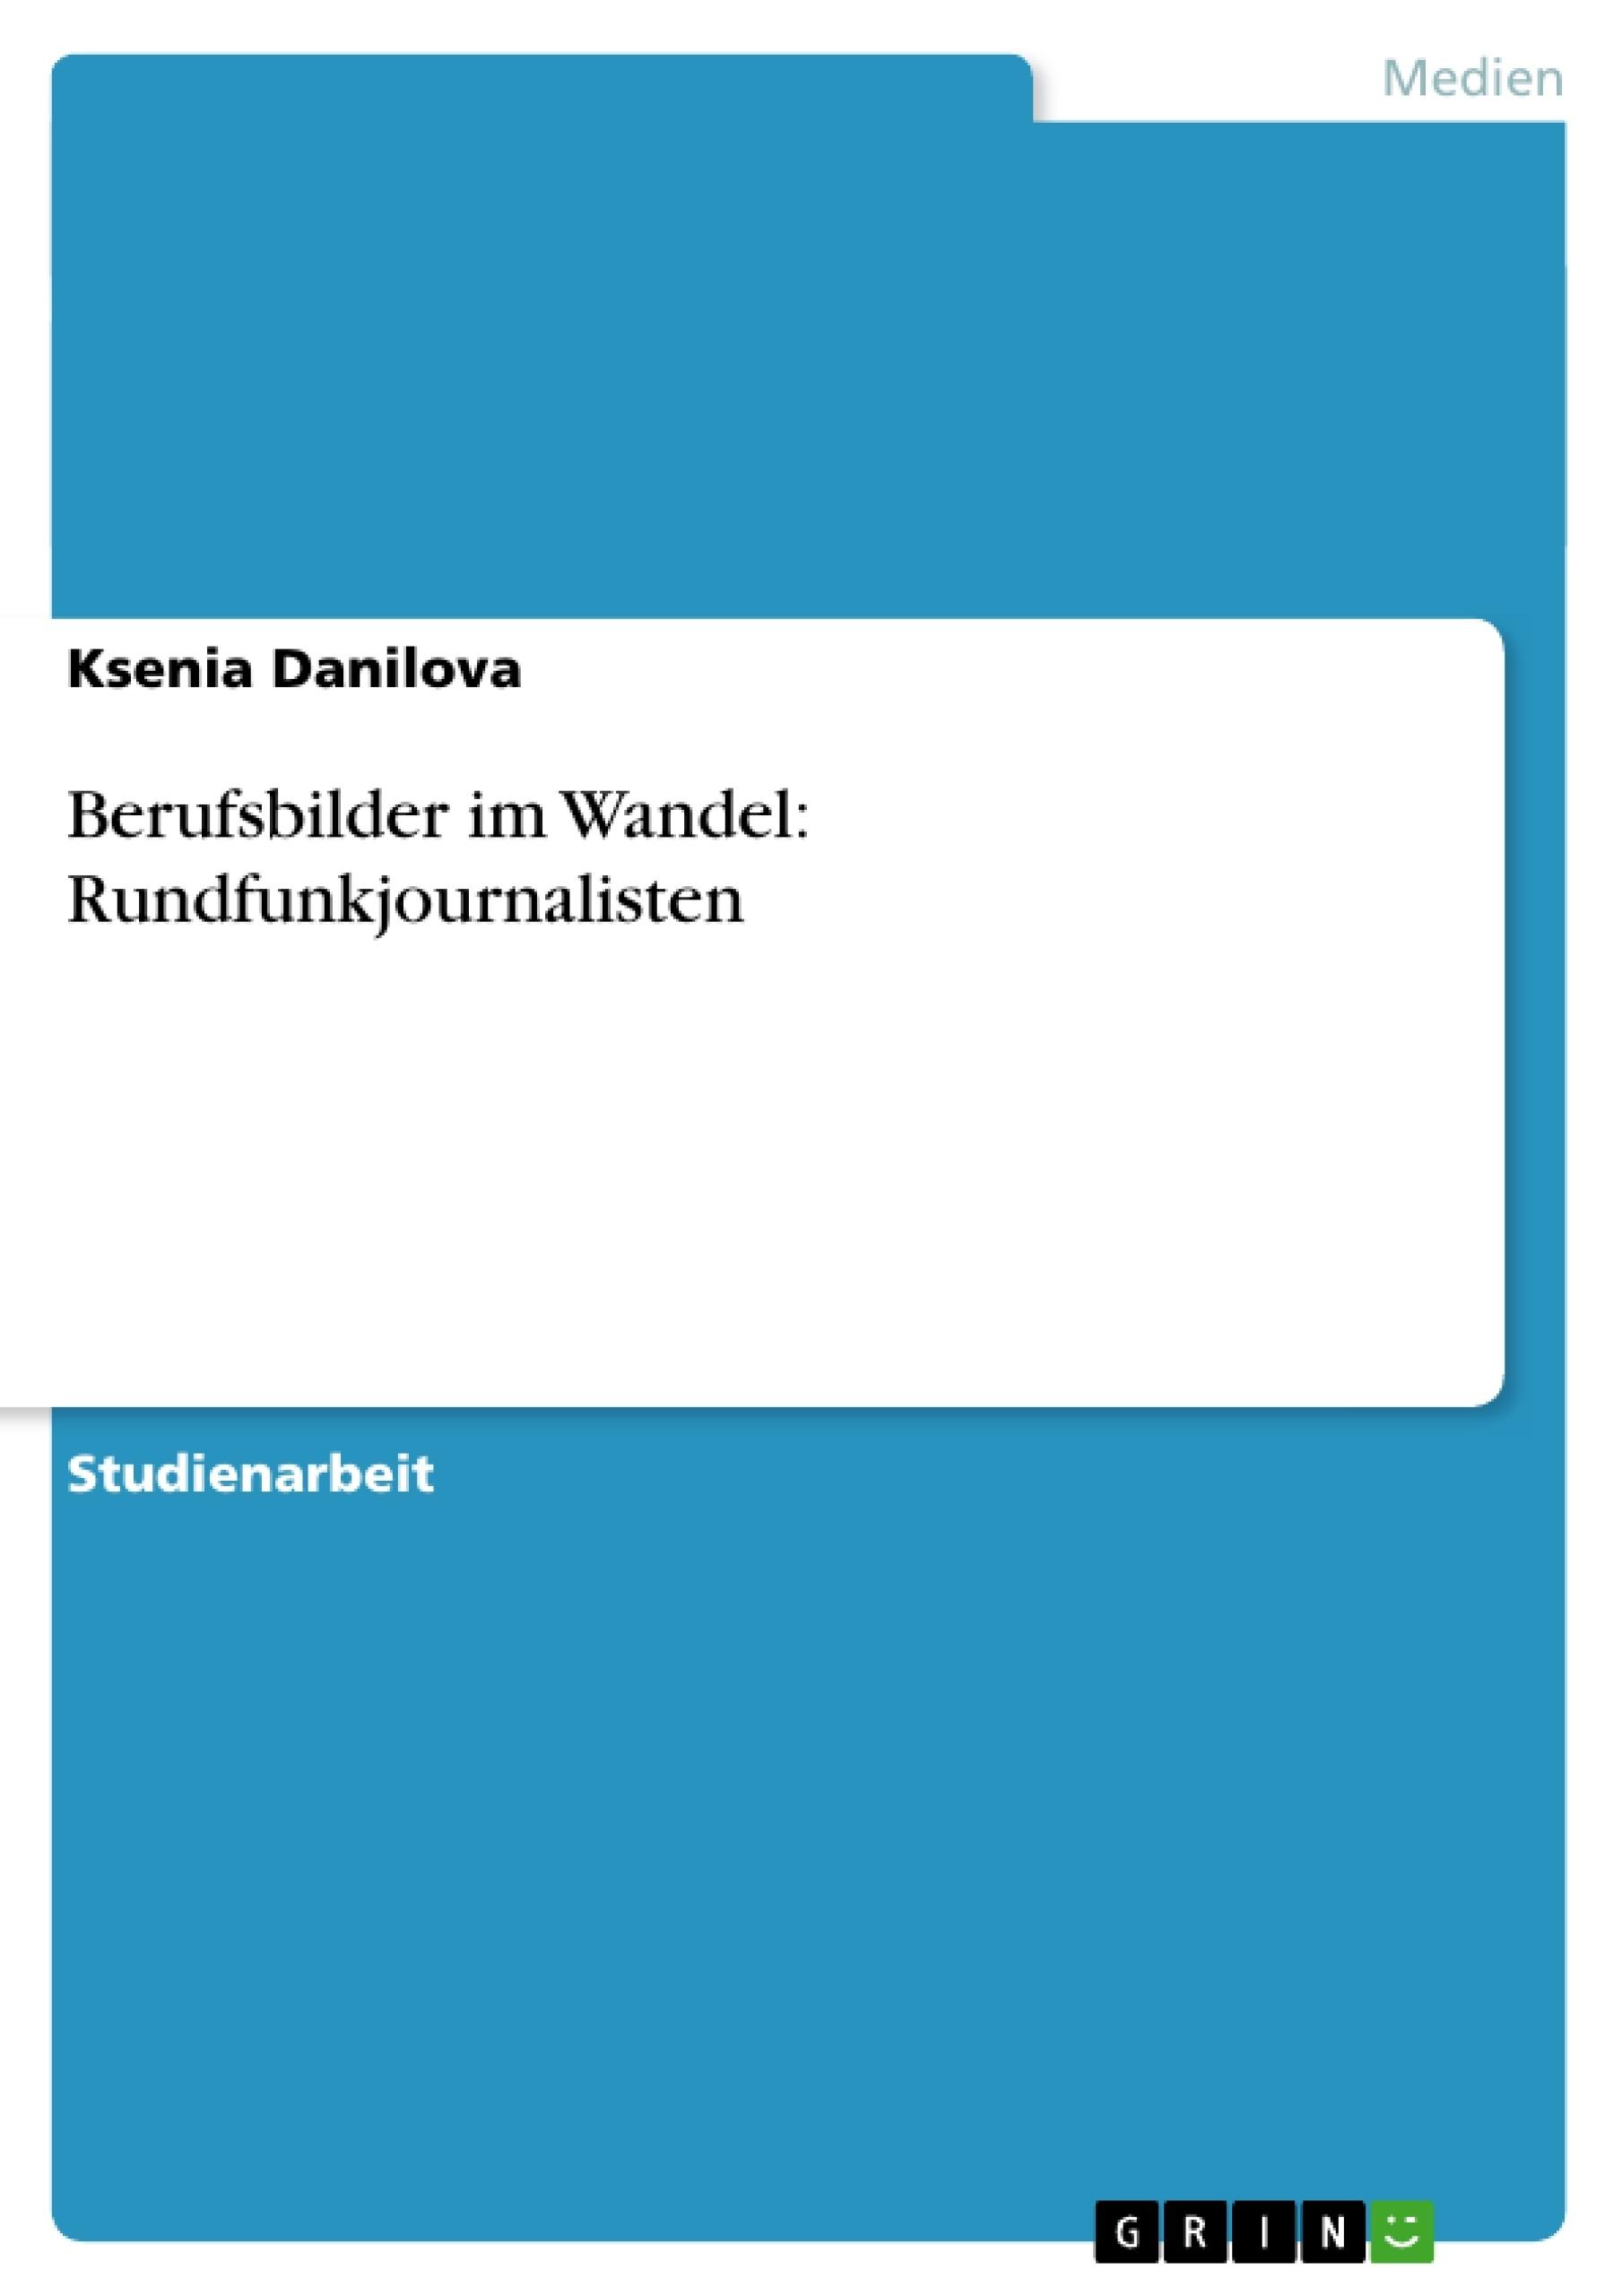 Titel: Berufsbilder im Wandel: Rundfunkjournalisten